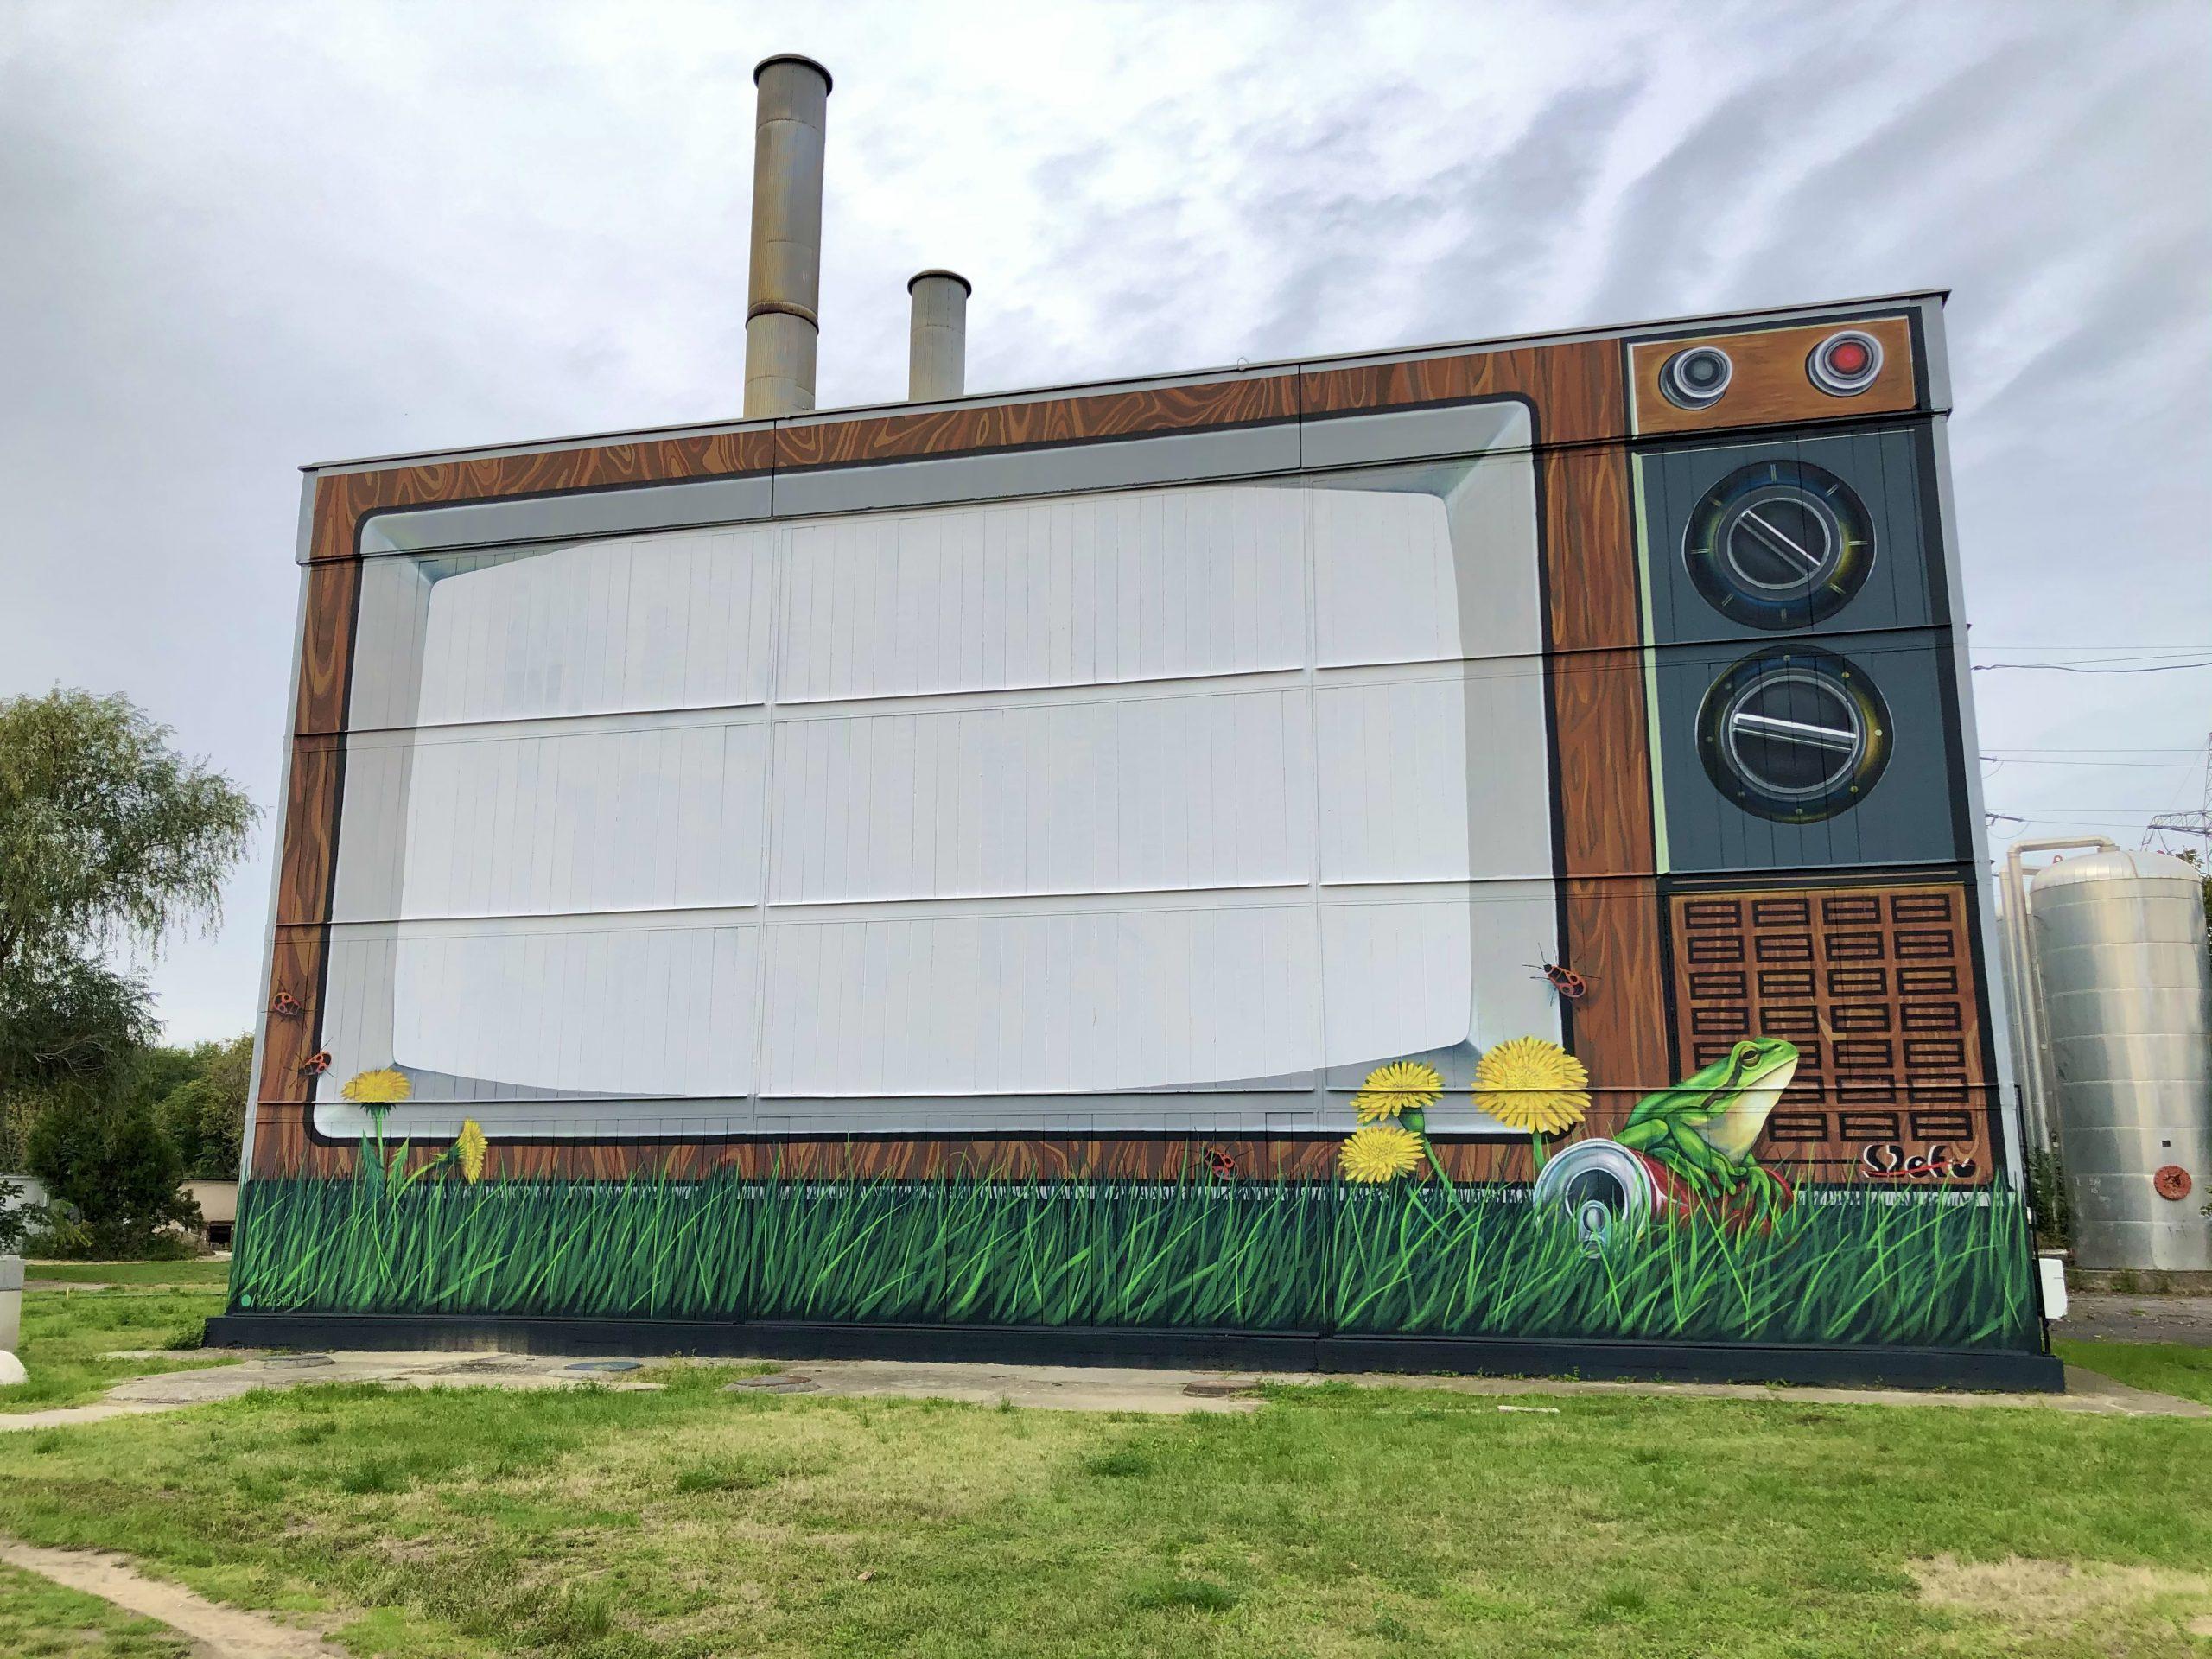 Városmetamorfózis street art program 2.